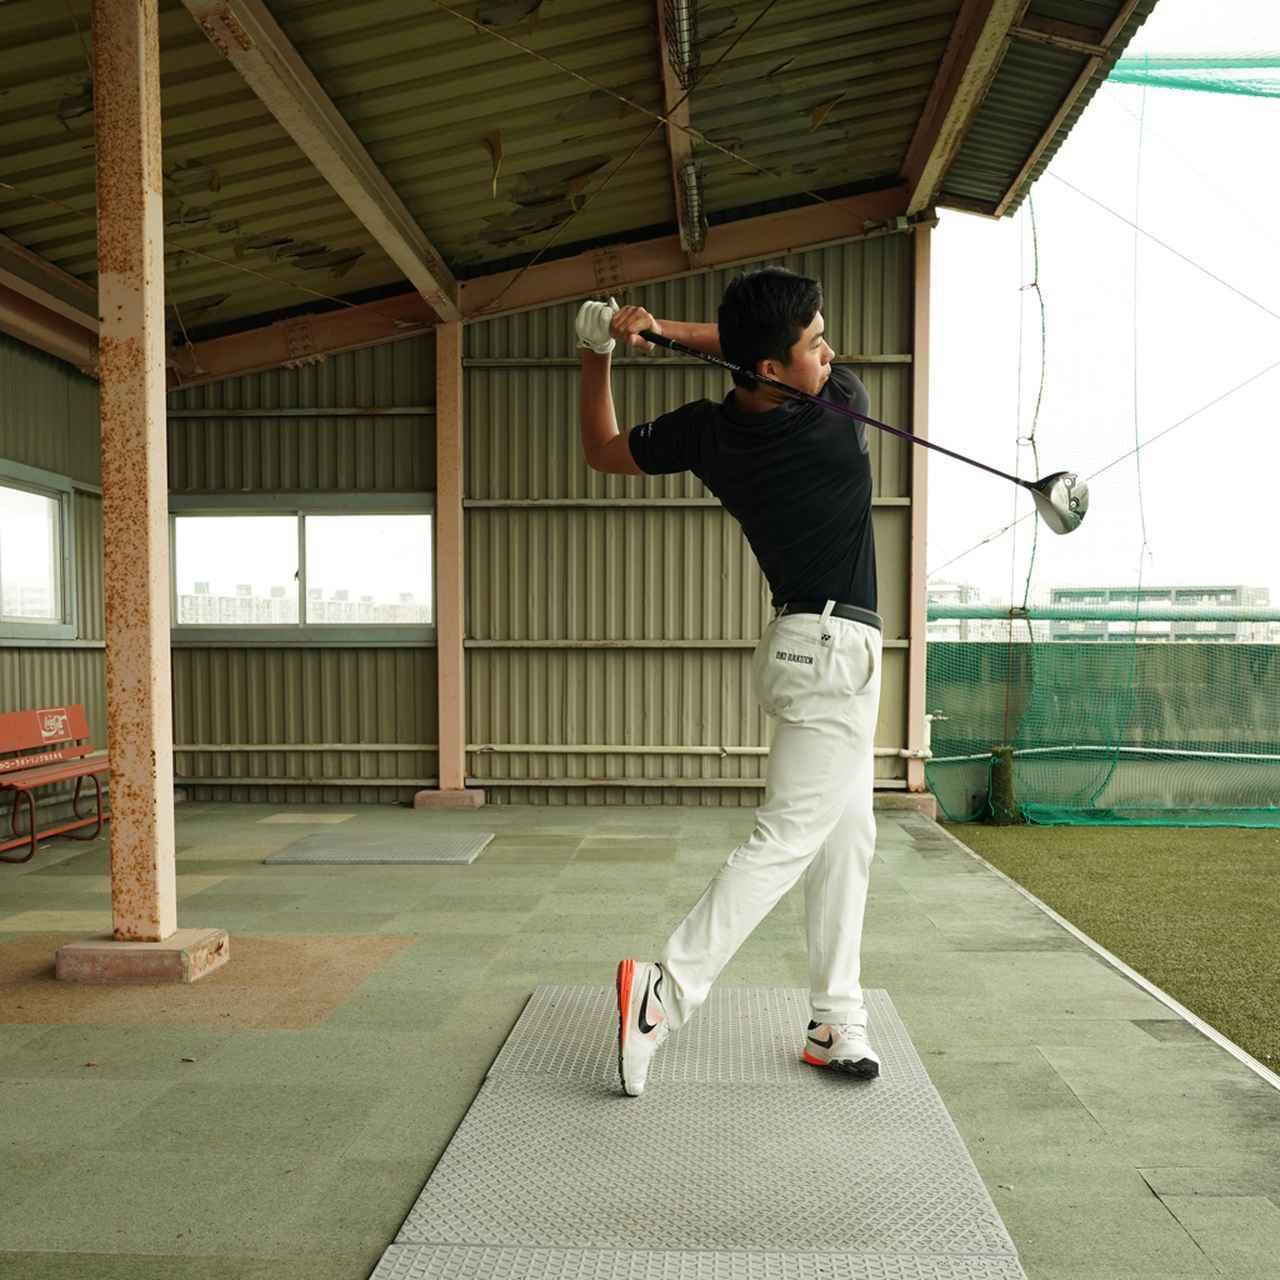 画像3: 【10本で握る】テンフィンガーグリップで300ヤードを飛ばす高校2年! 篠塚武久先生が教え子、出利葉太一郎くんのスウィングを解説